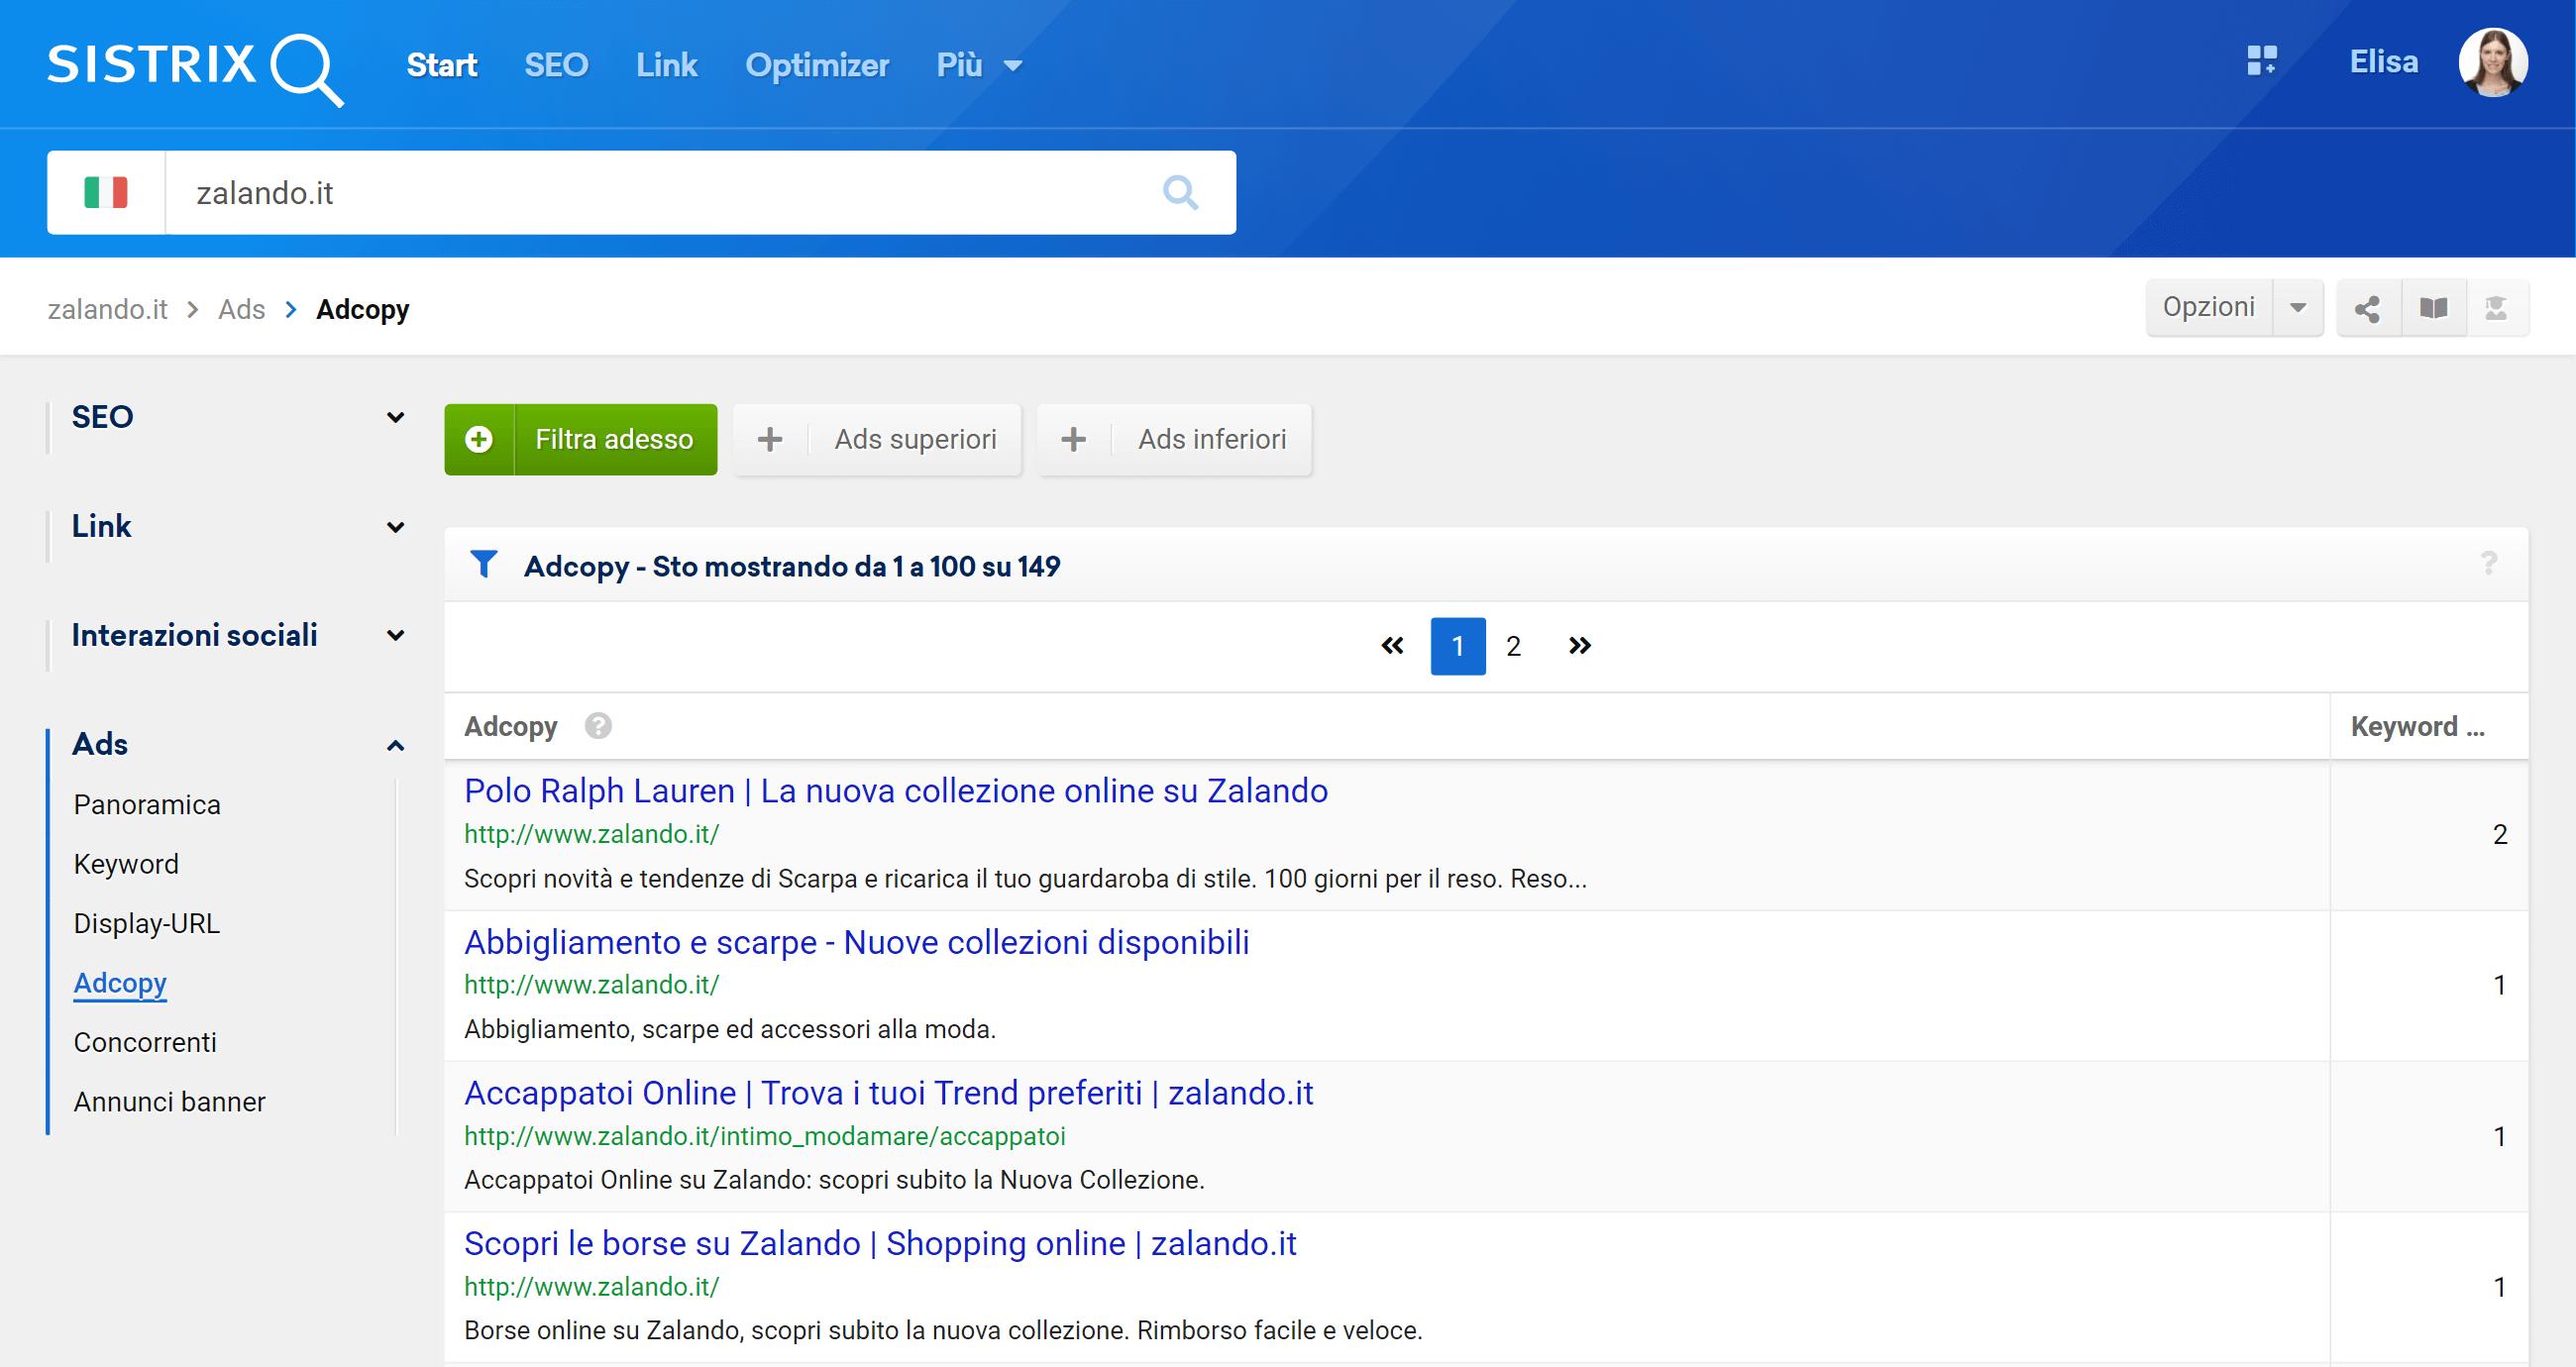 Sezione degli AdCopy nel modulo Ads